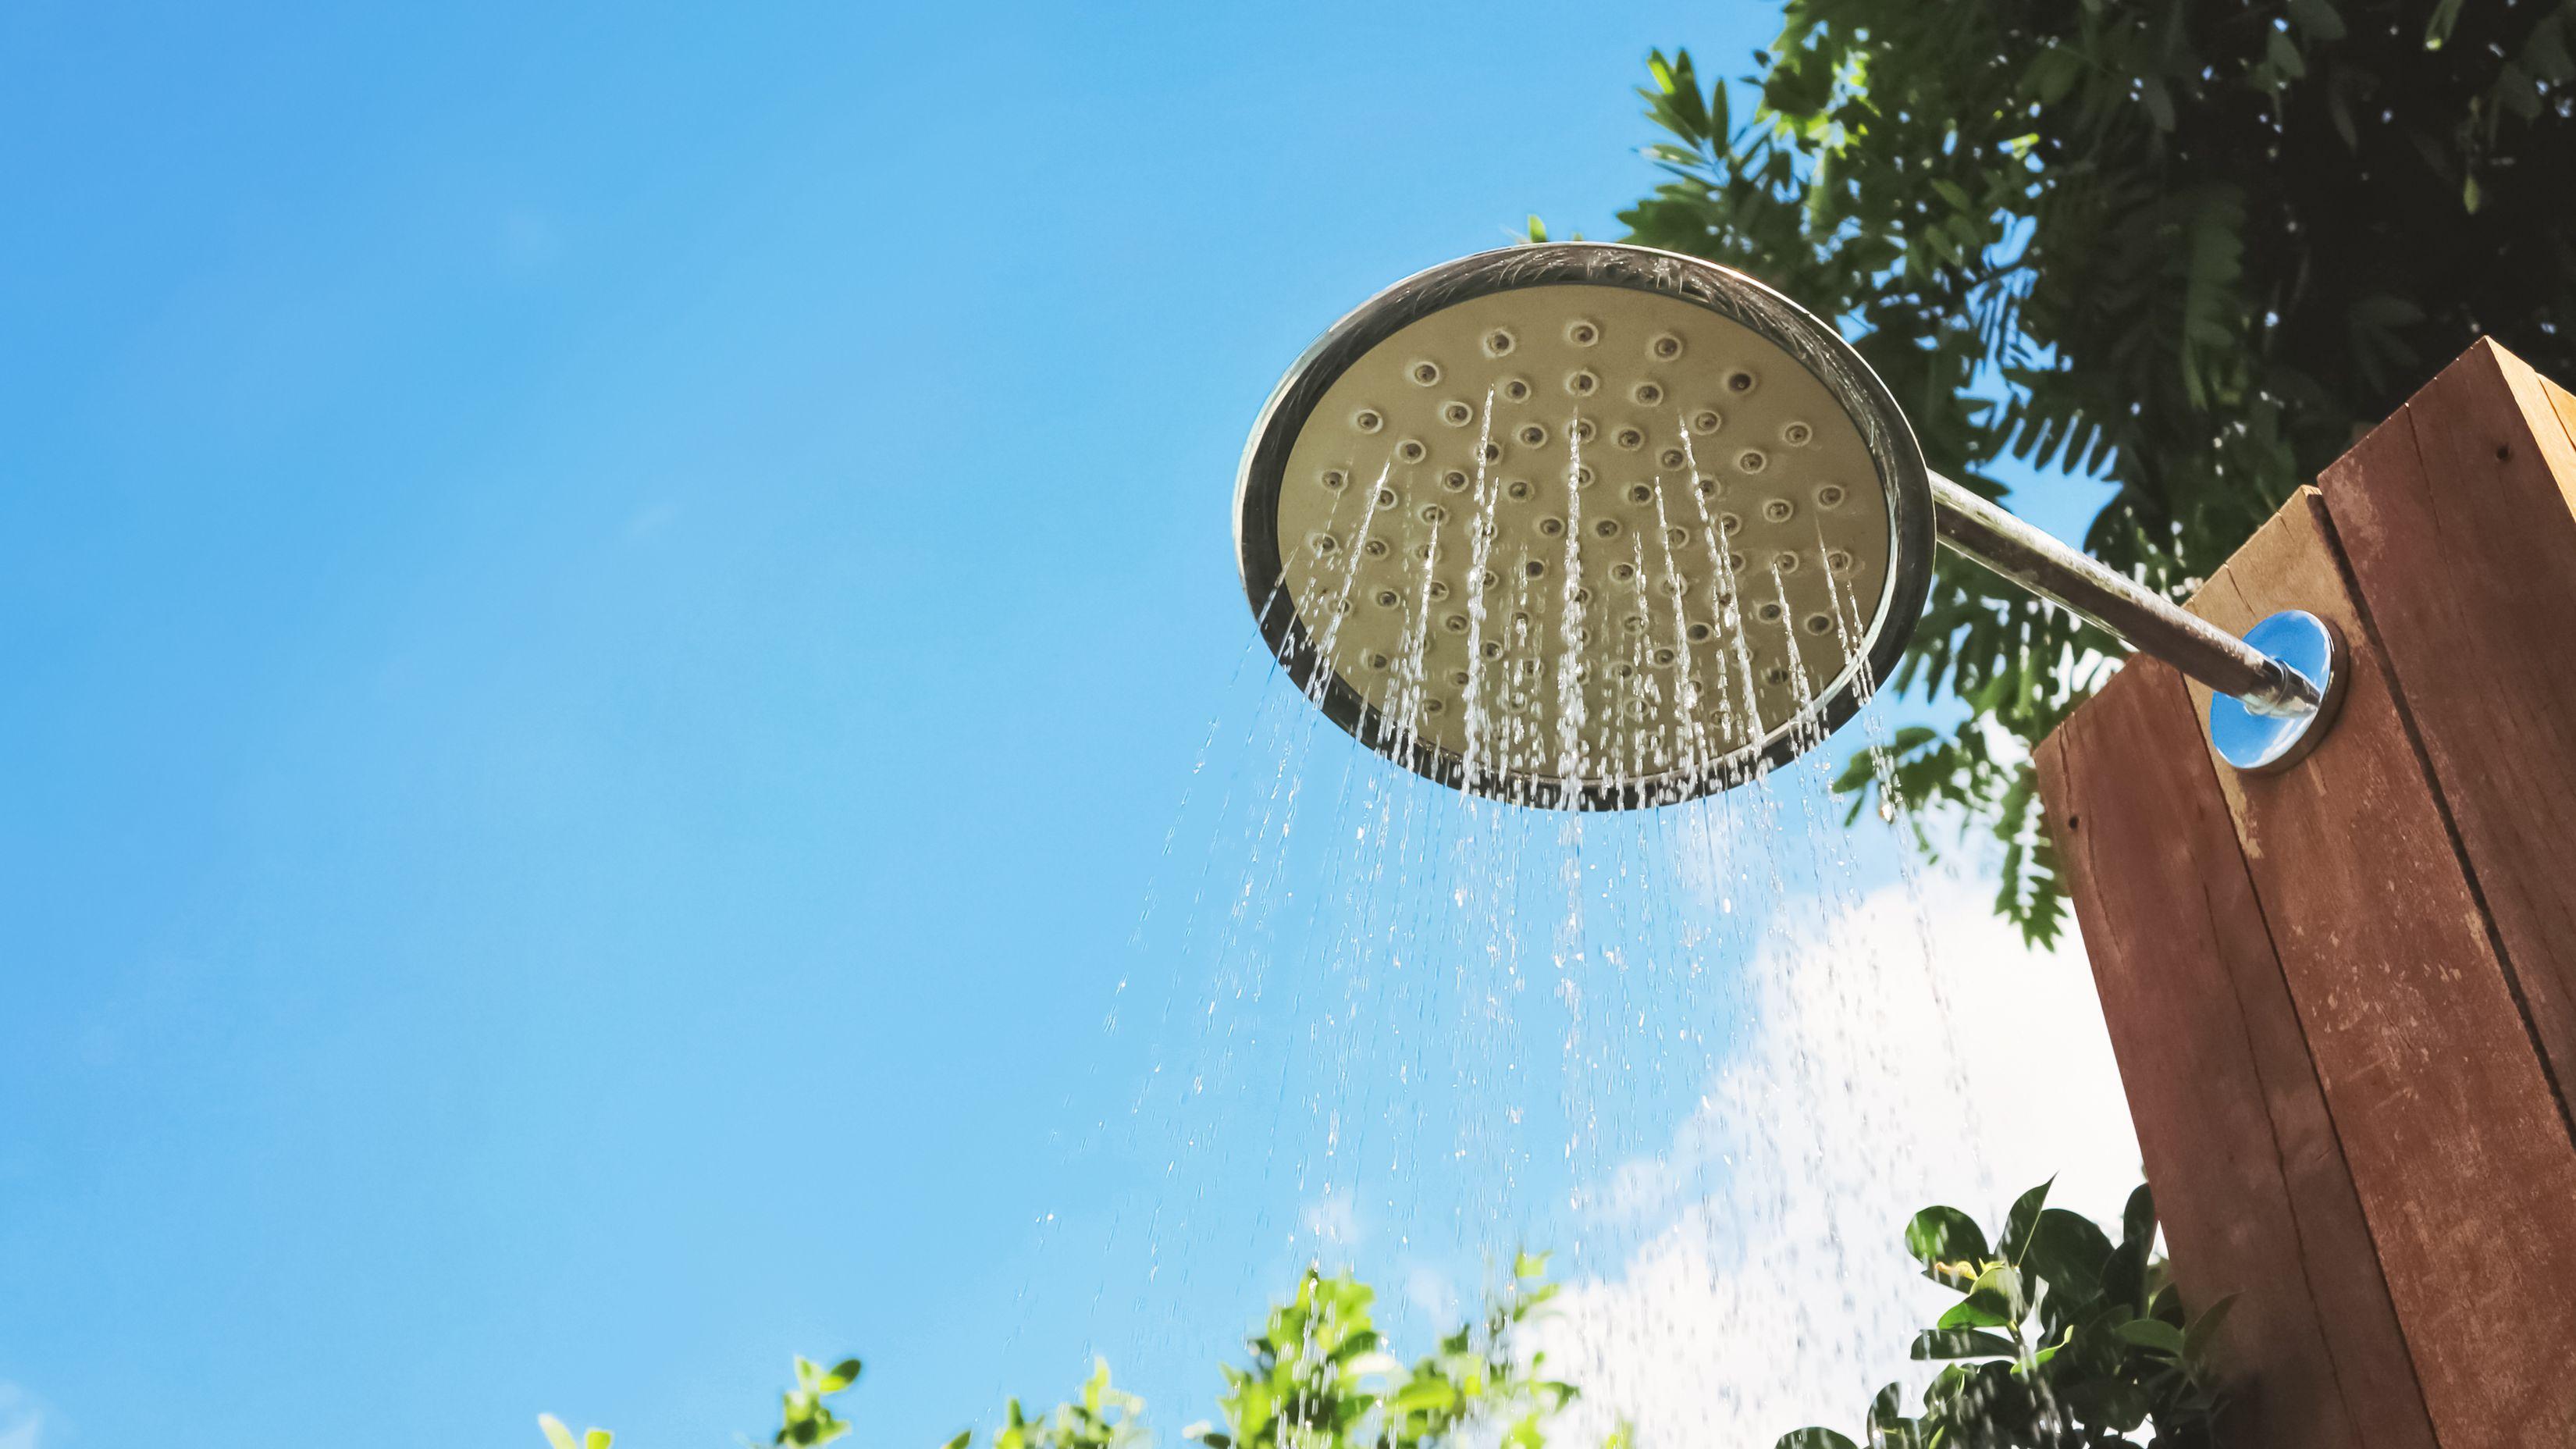 Cómo elegir una ducha de jardín